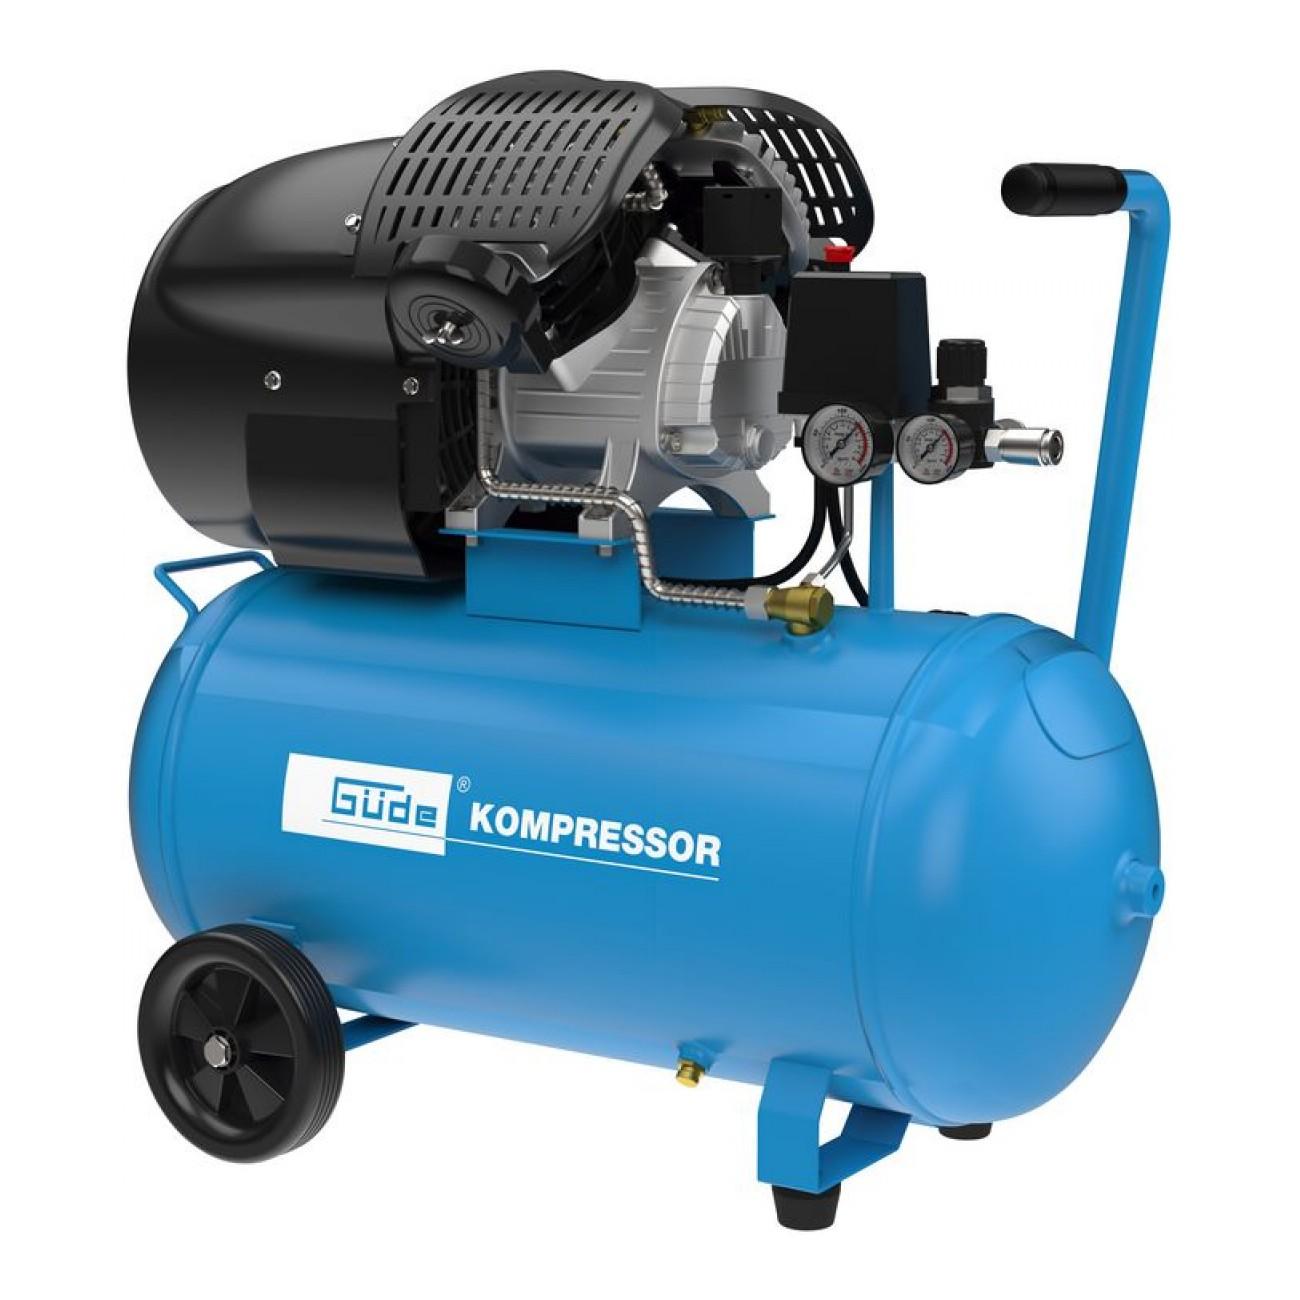 Güde Druckluft Kompressor 10 bar 50L 405/10/50 Luftdruck ölgeschmiert 50131